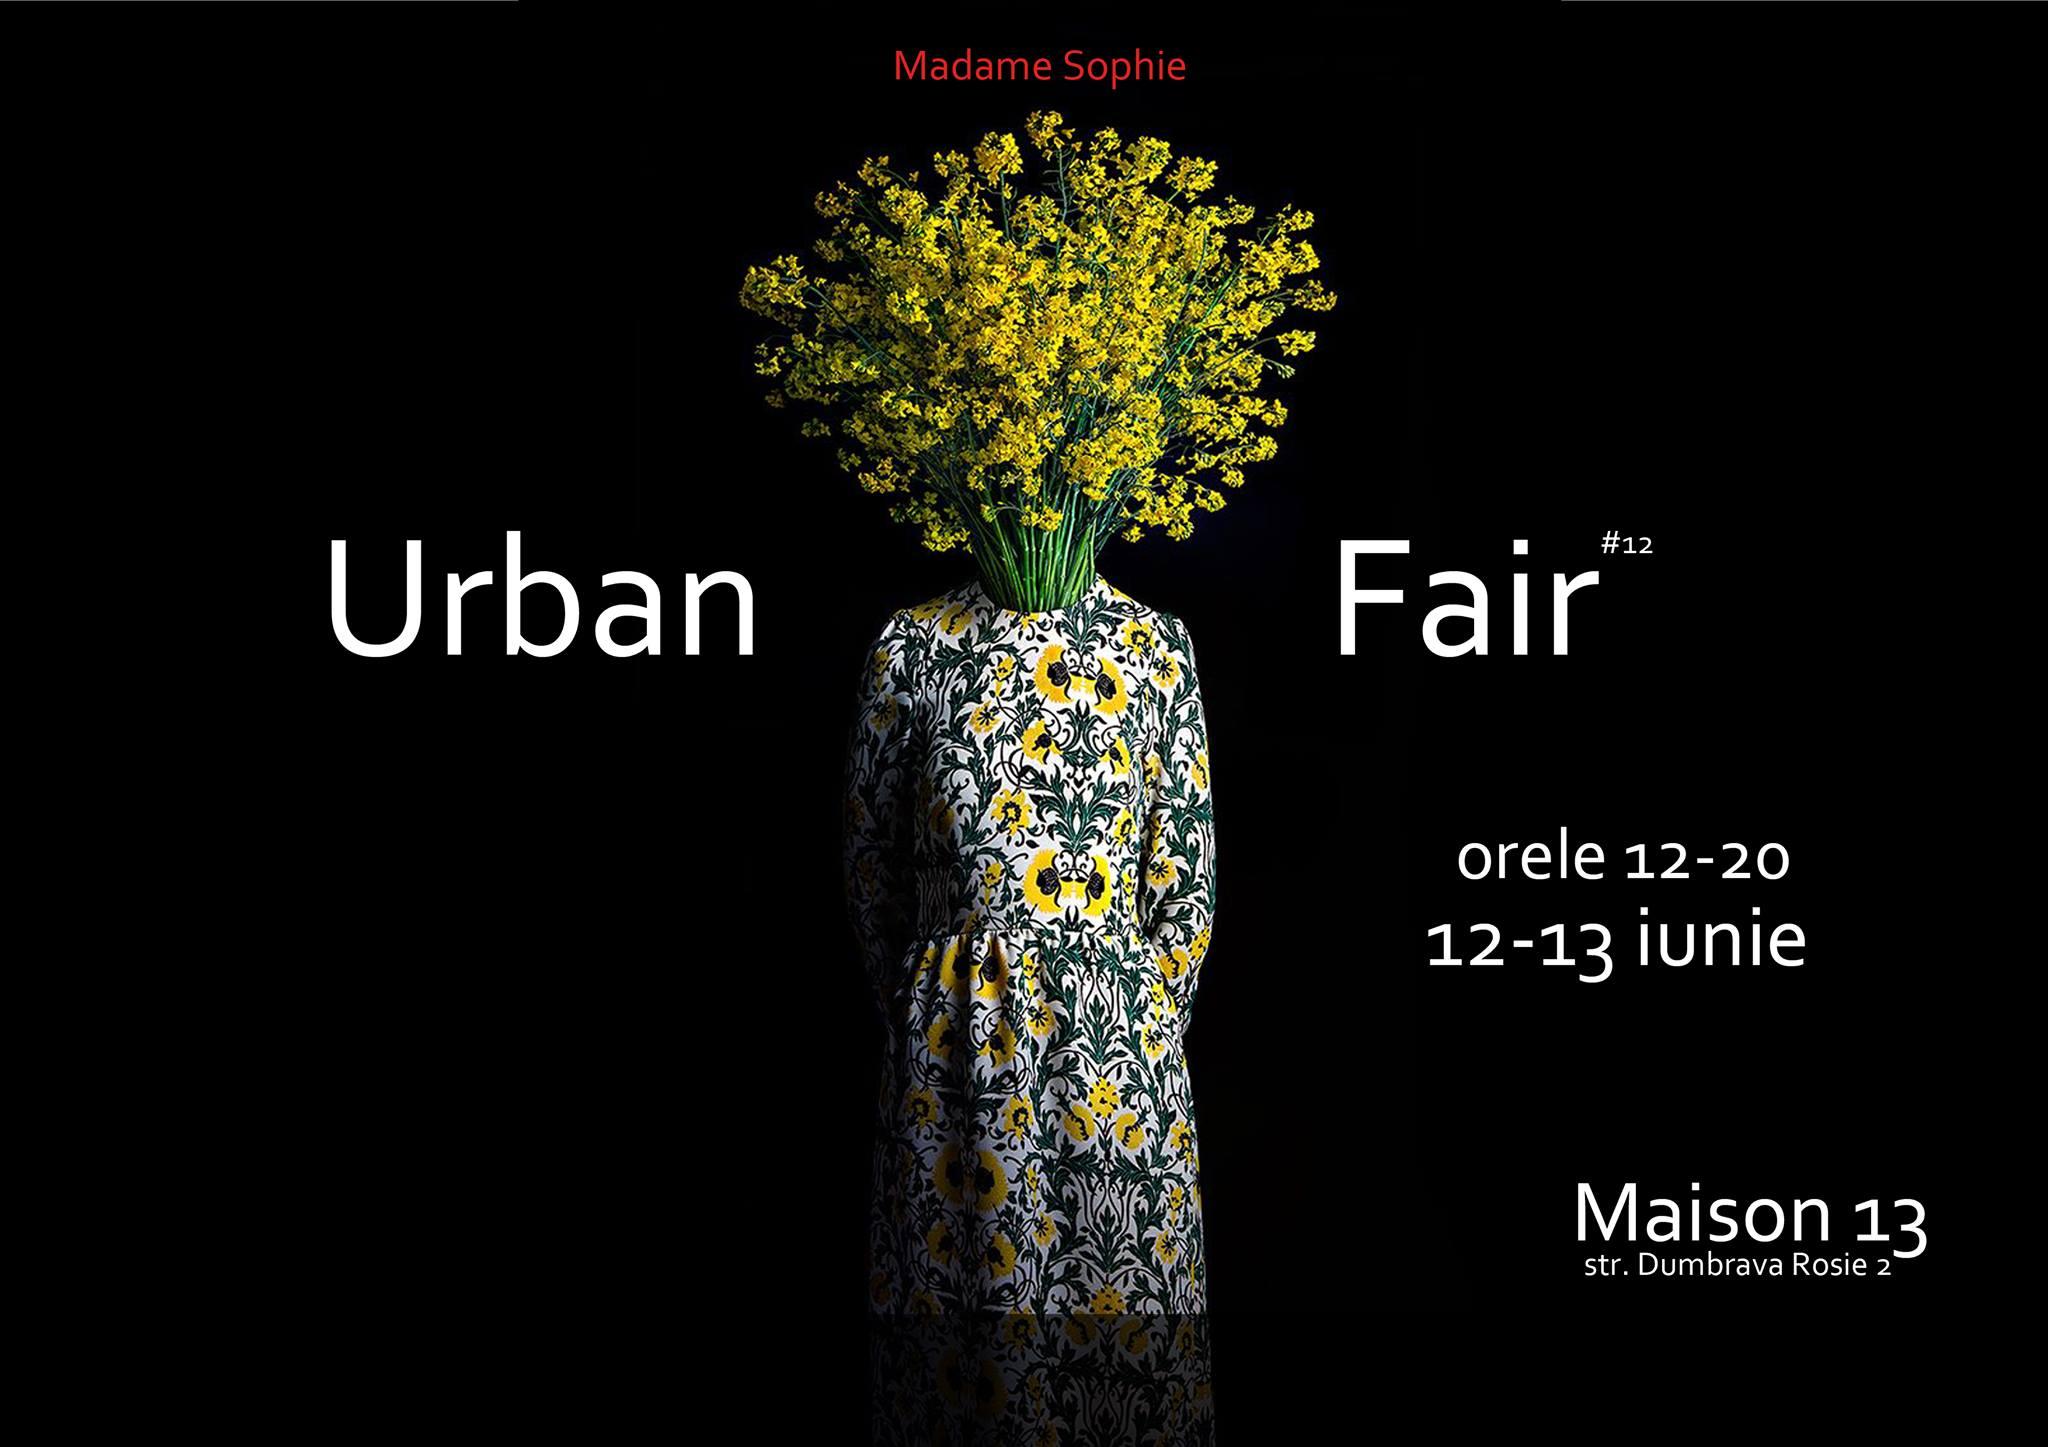 Urban Fair